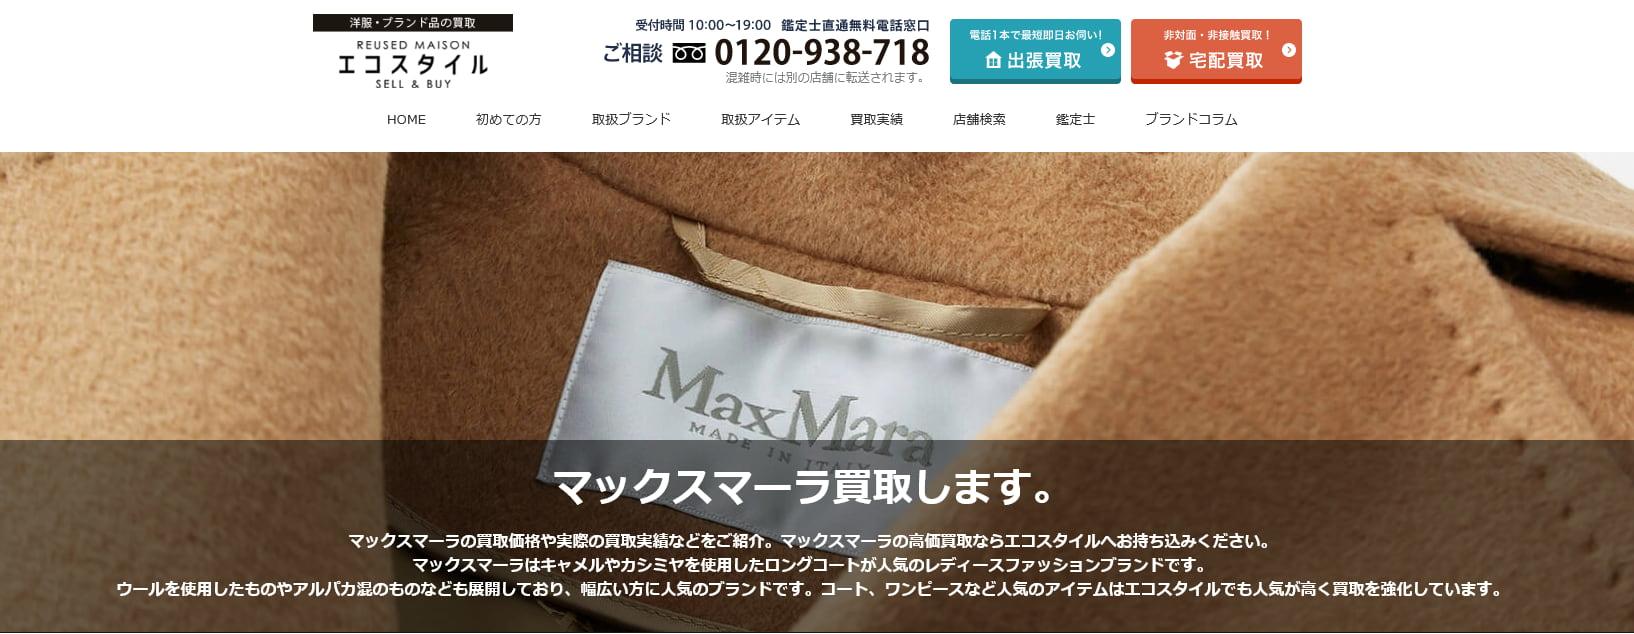 マックスマーラの買取おすすめ店エコスタイル